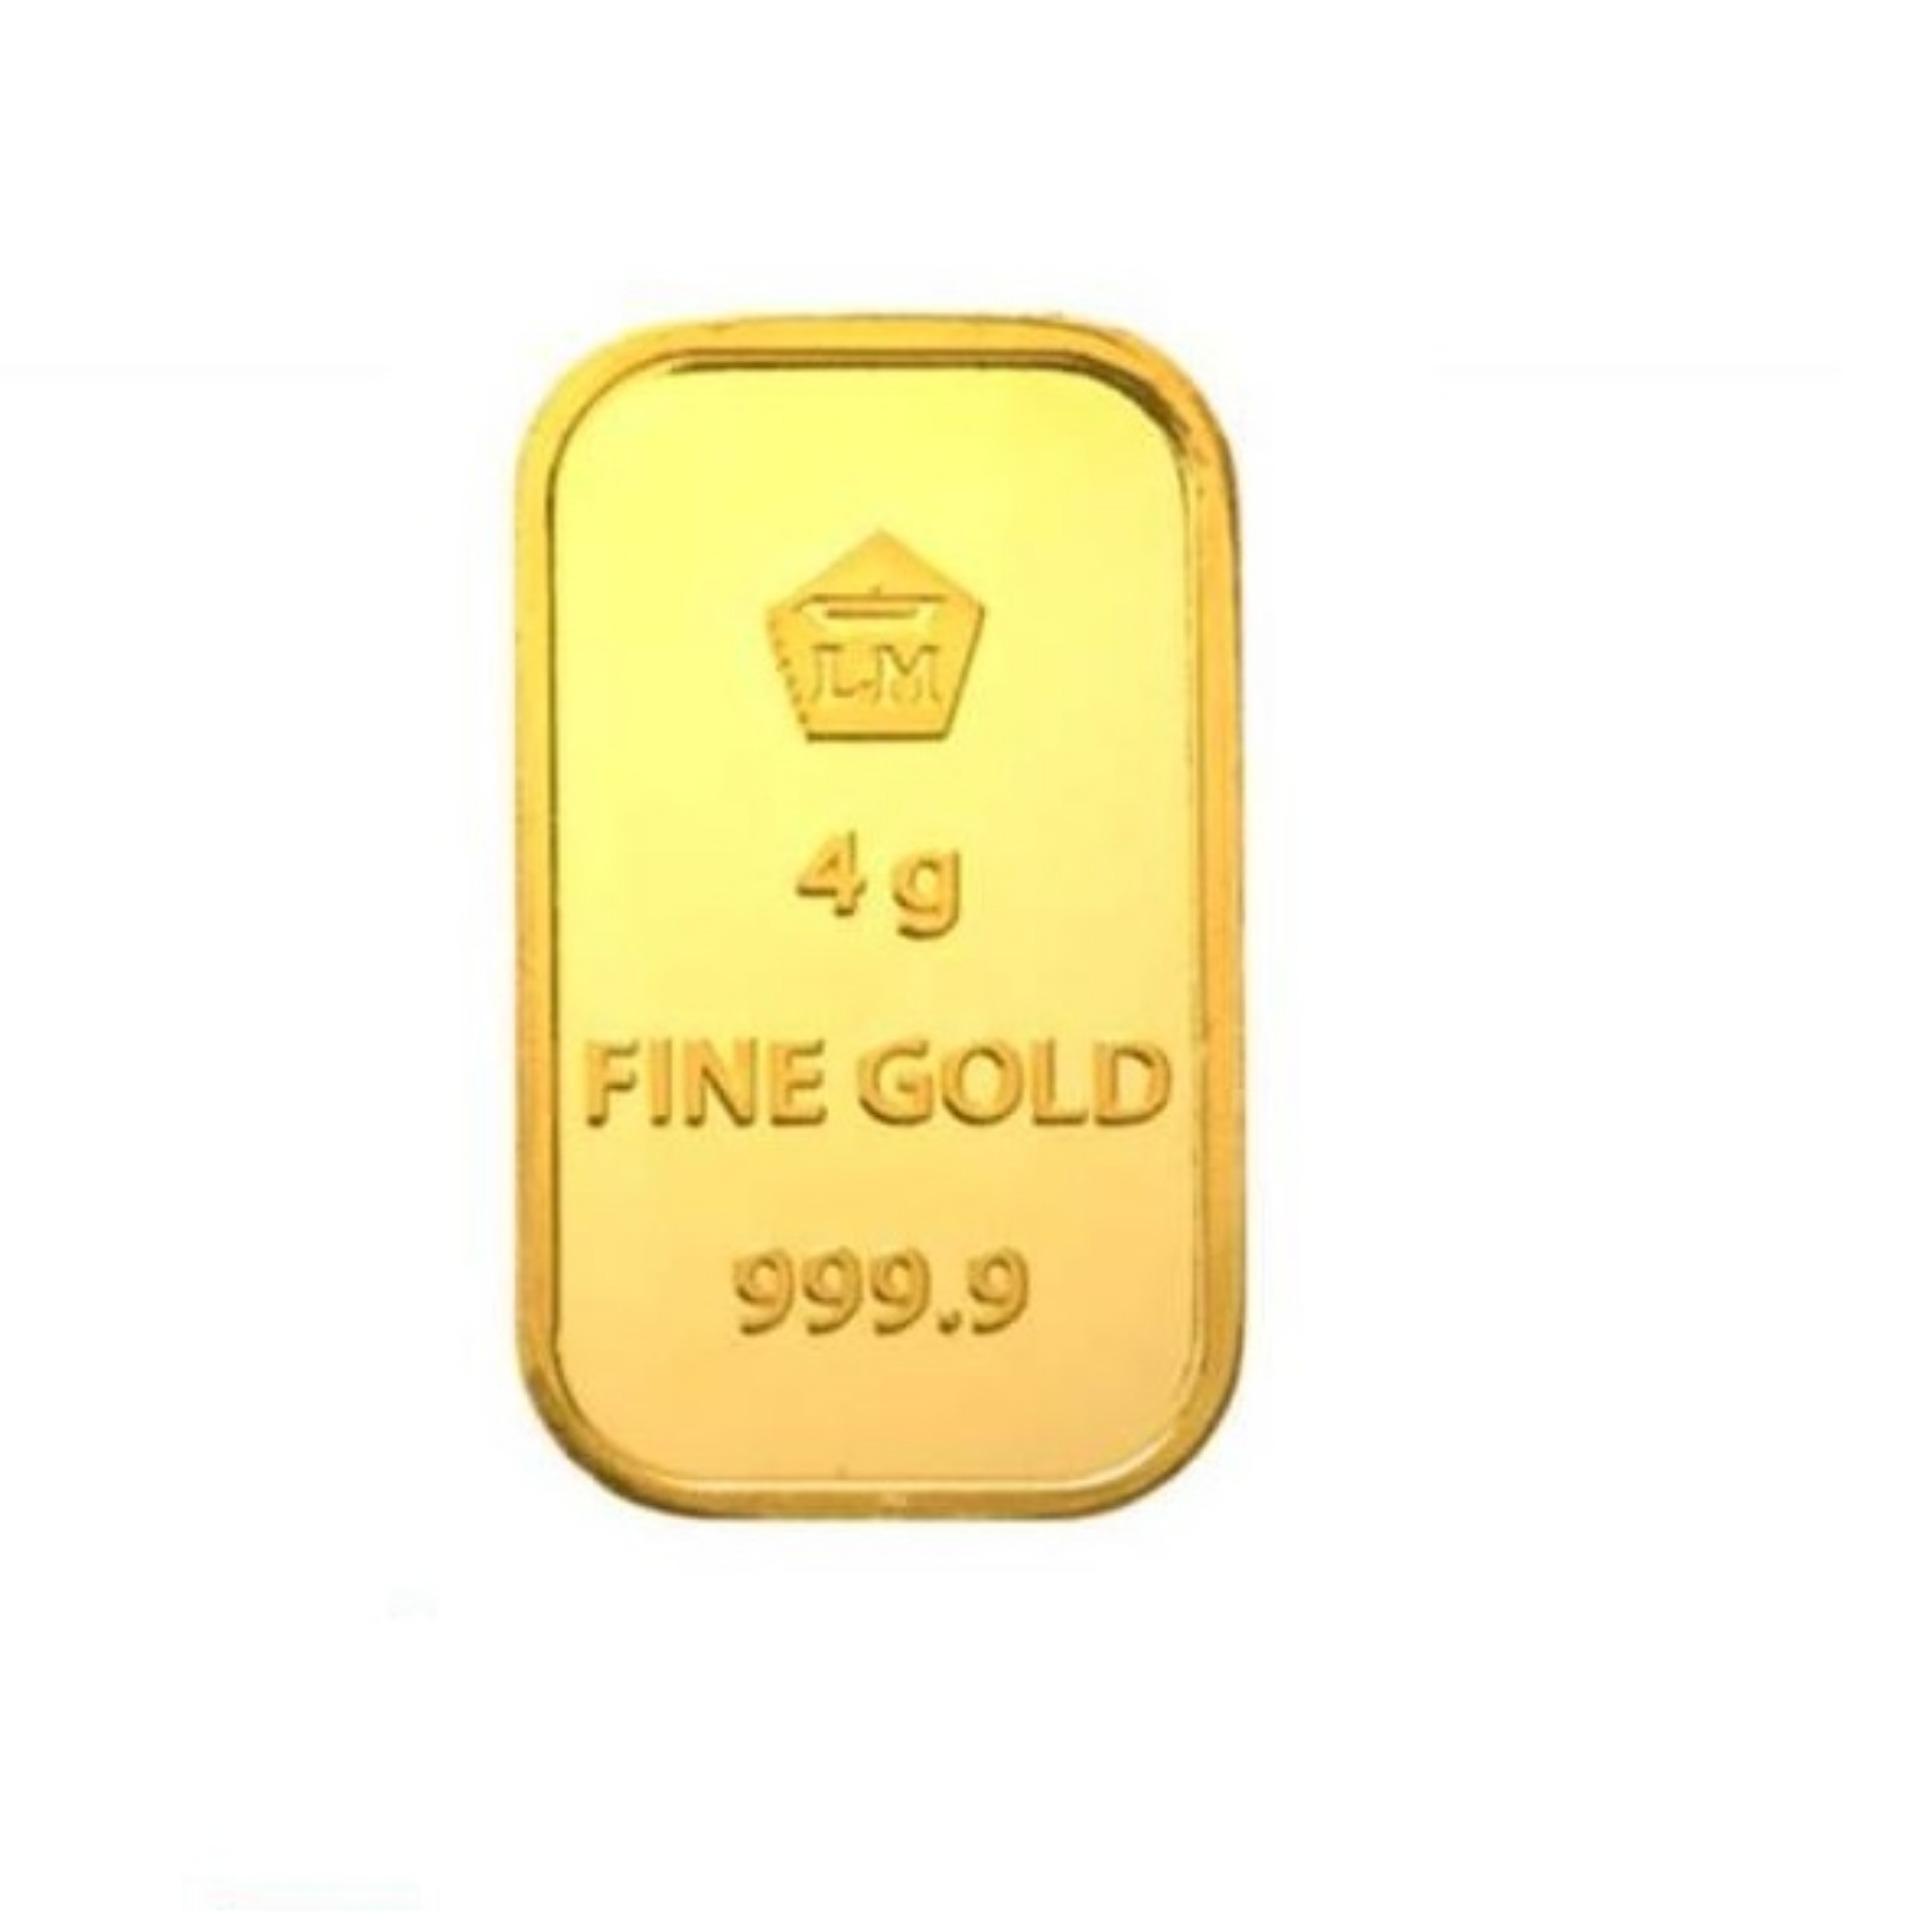 Online Murah Gold Logam Mulia Lm Sertifikat Asli Antam 4 Gram Emas